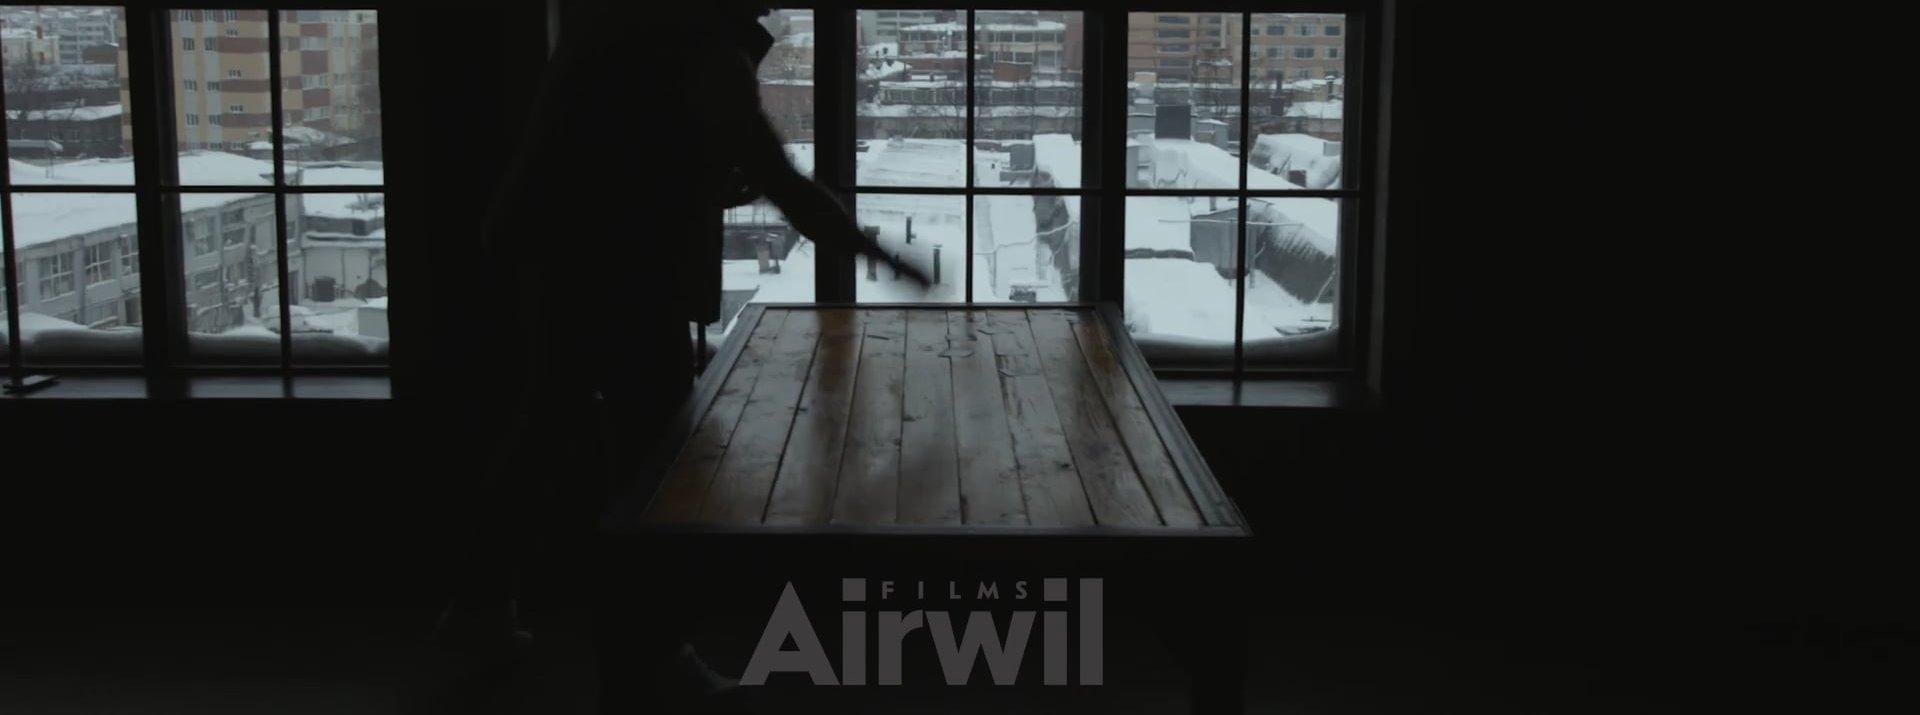 airwil-3.jpg